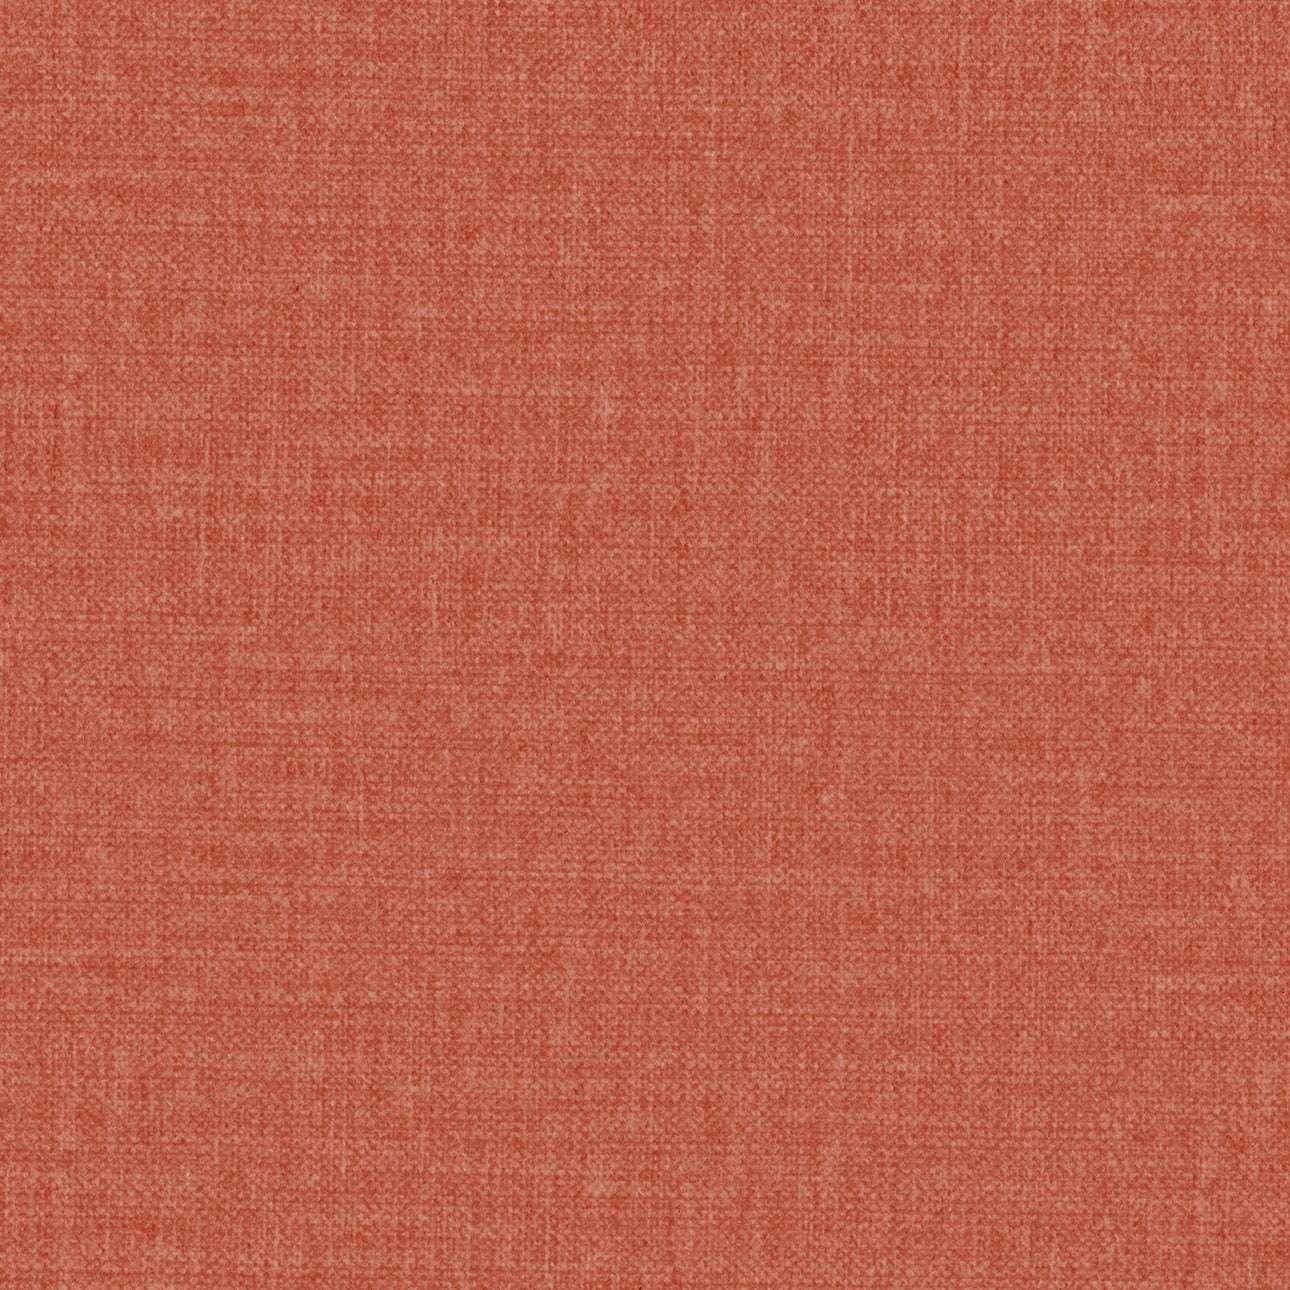 Pokrowiec na sofę Norsborg 3-osobową w kolekcji Ingrid, tkanina: 705-37